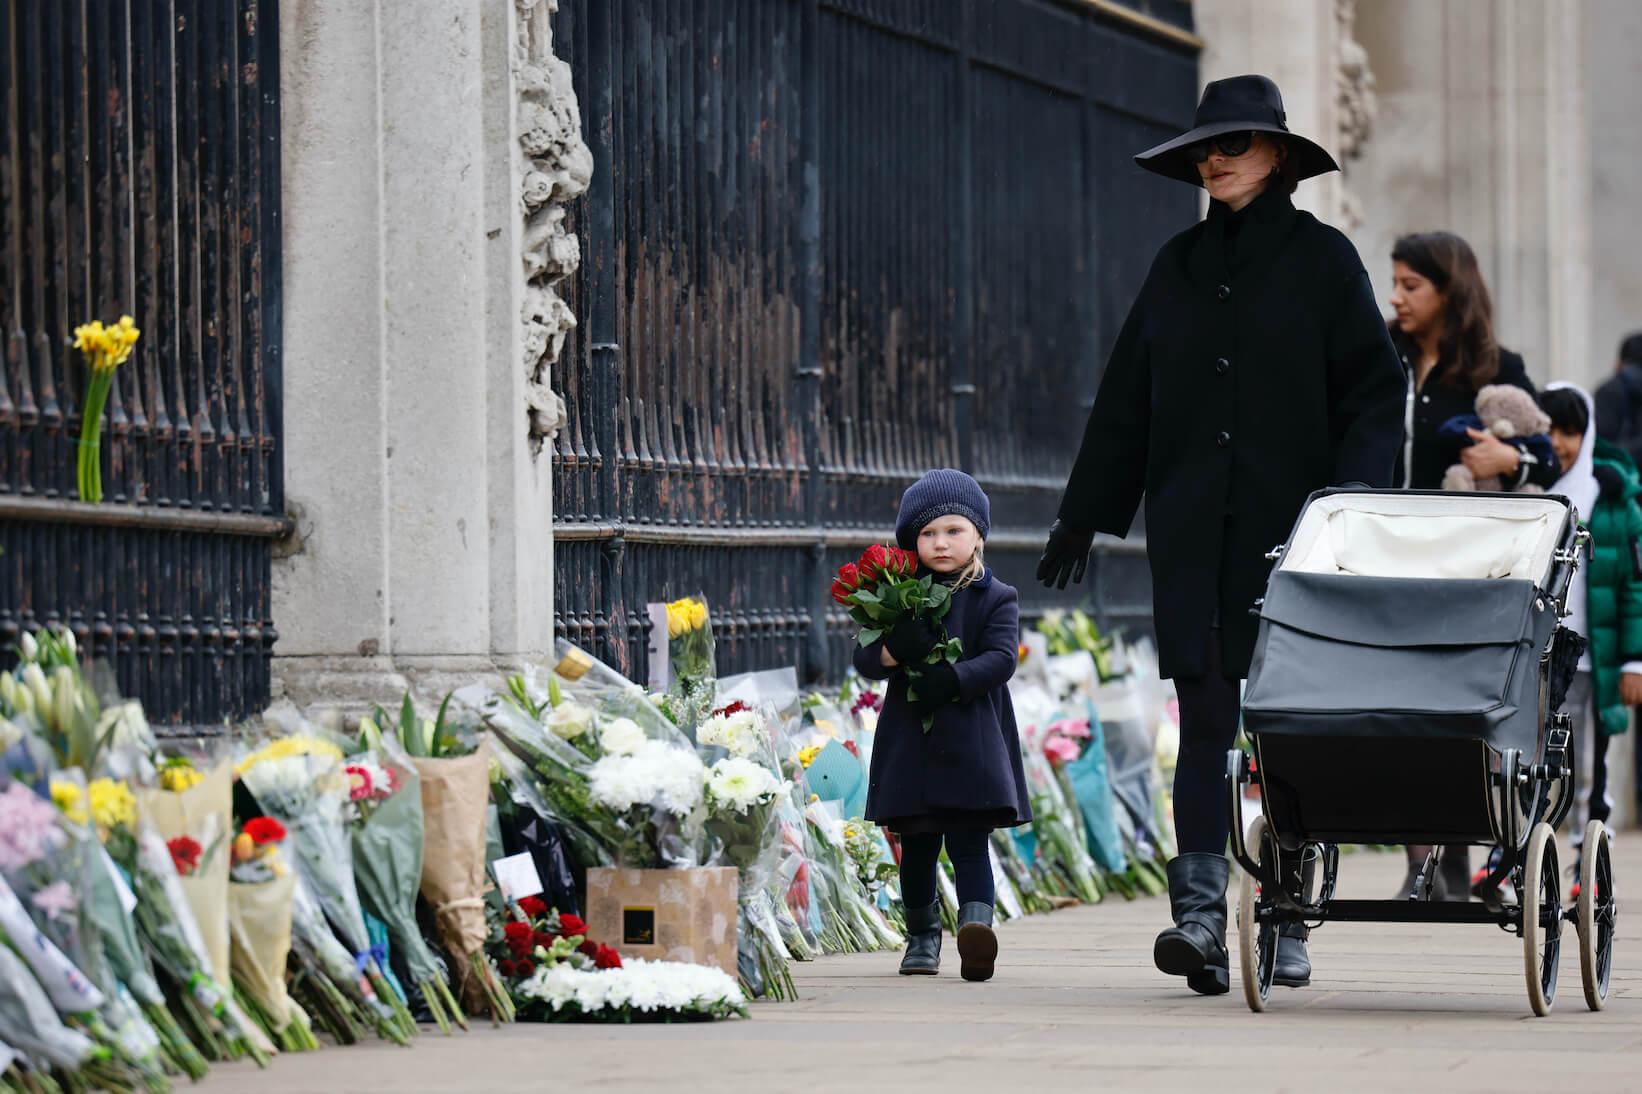 菲臘親王逝世後,大量民眾隨即前往白金漢宮門外放置鮮花悼念